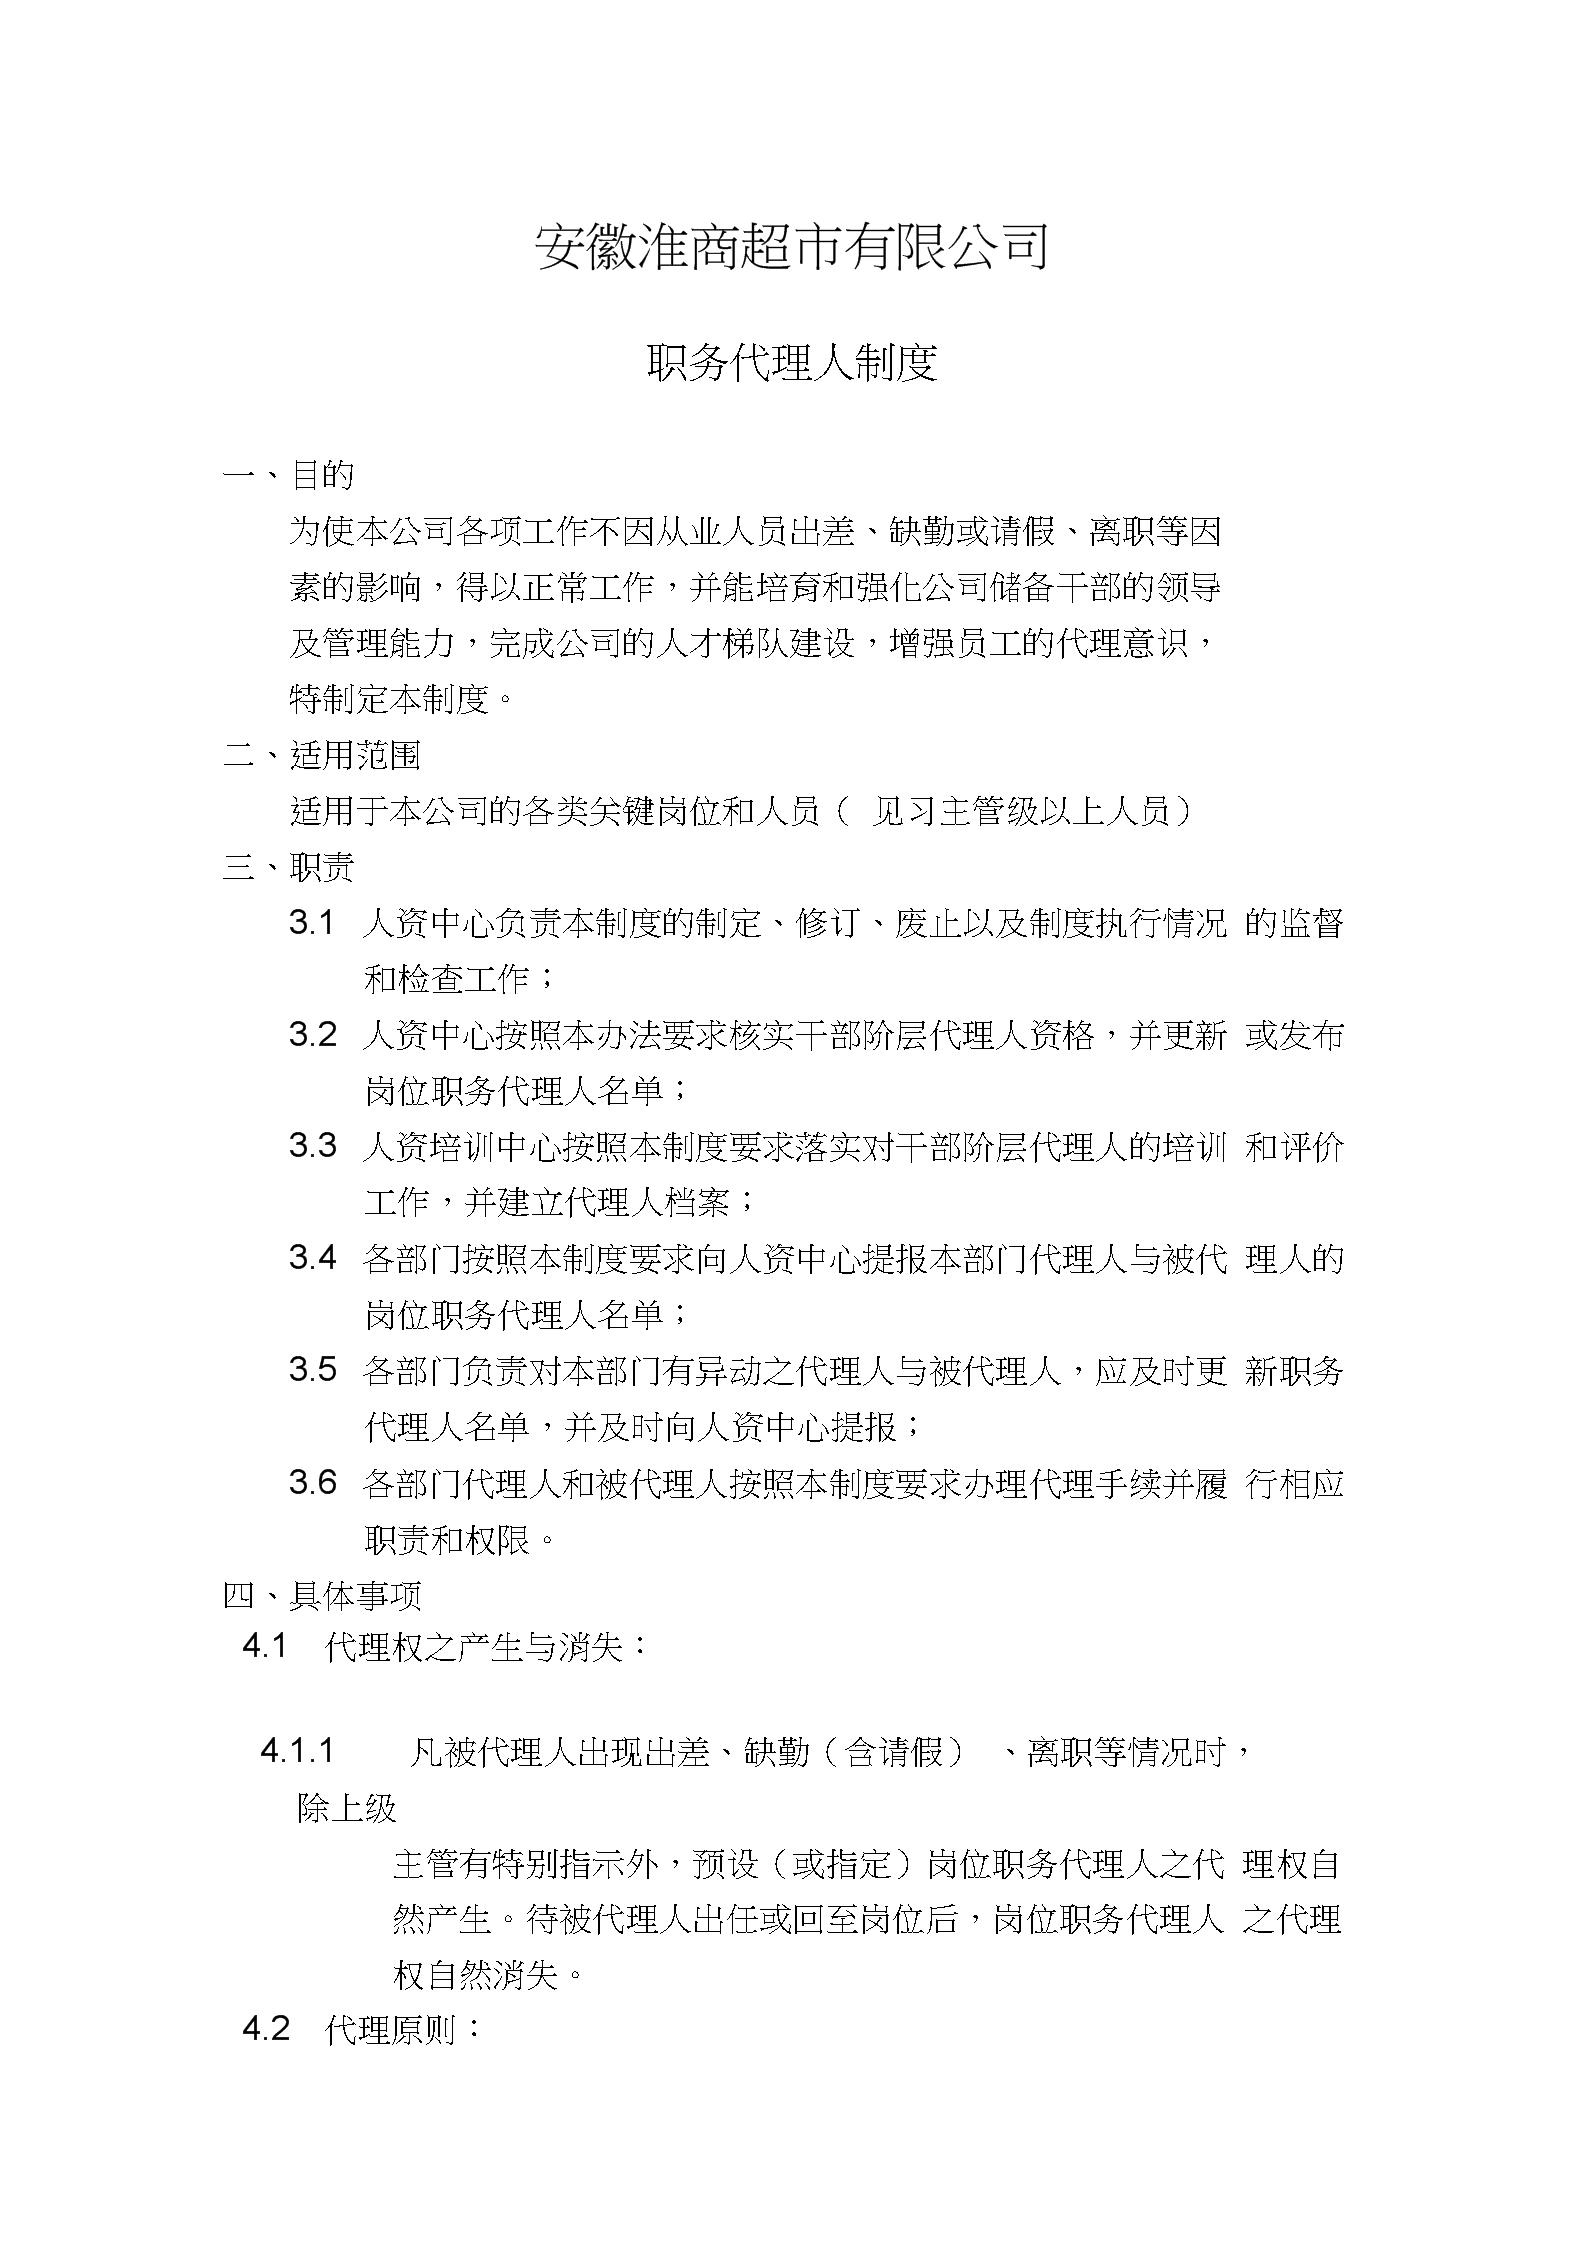 (完整版)职务代理人制度.docx